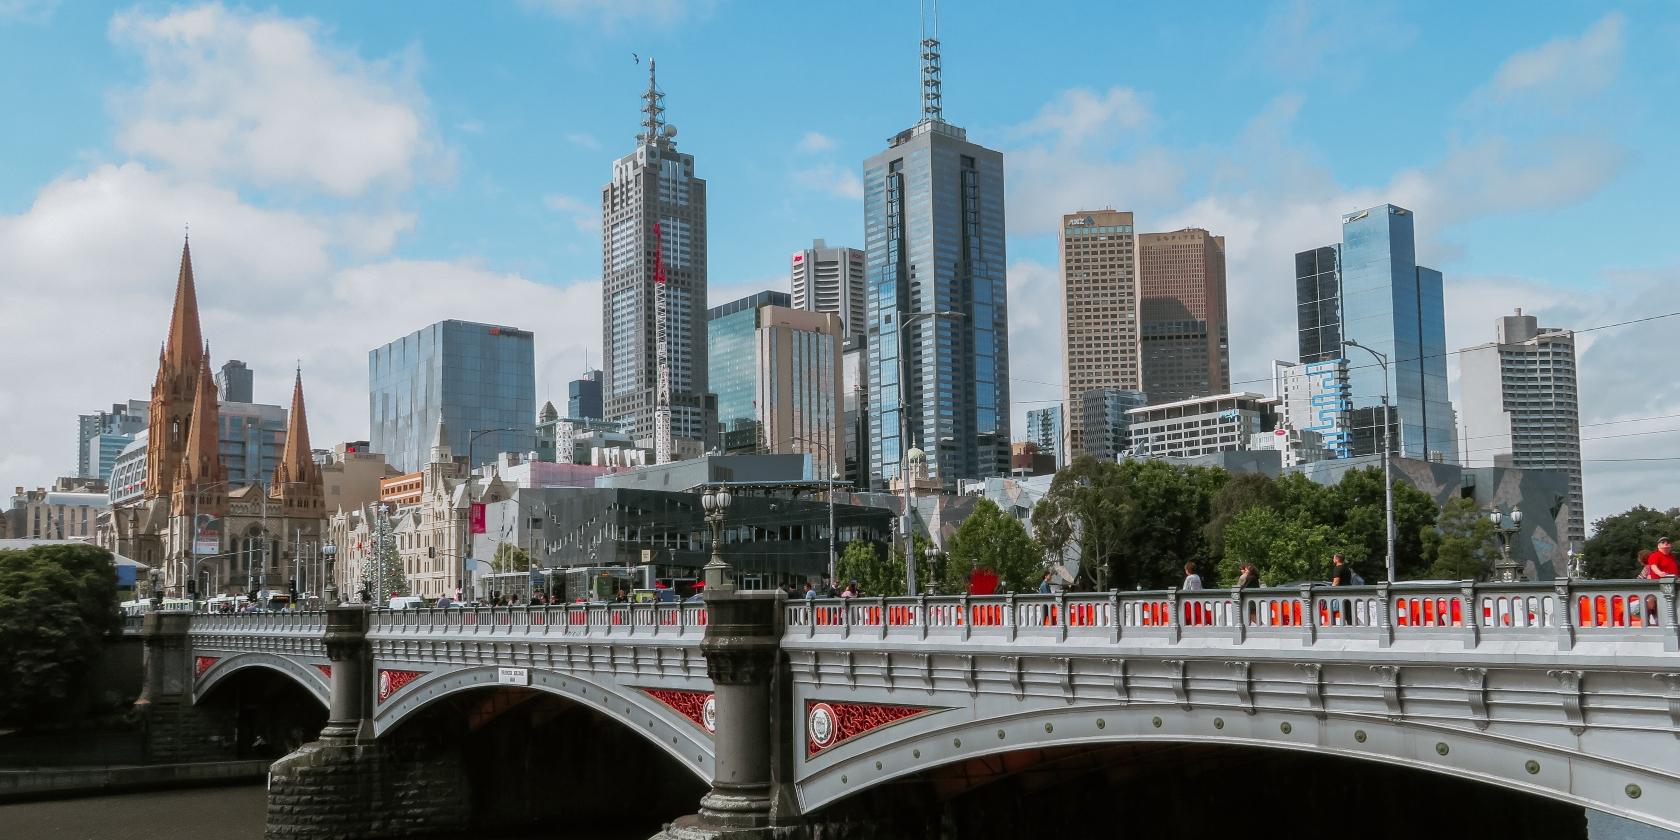 Melbourne skyline in Australia